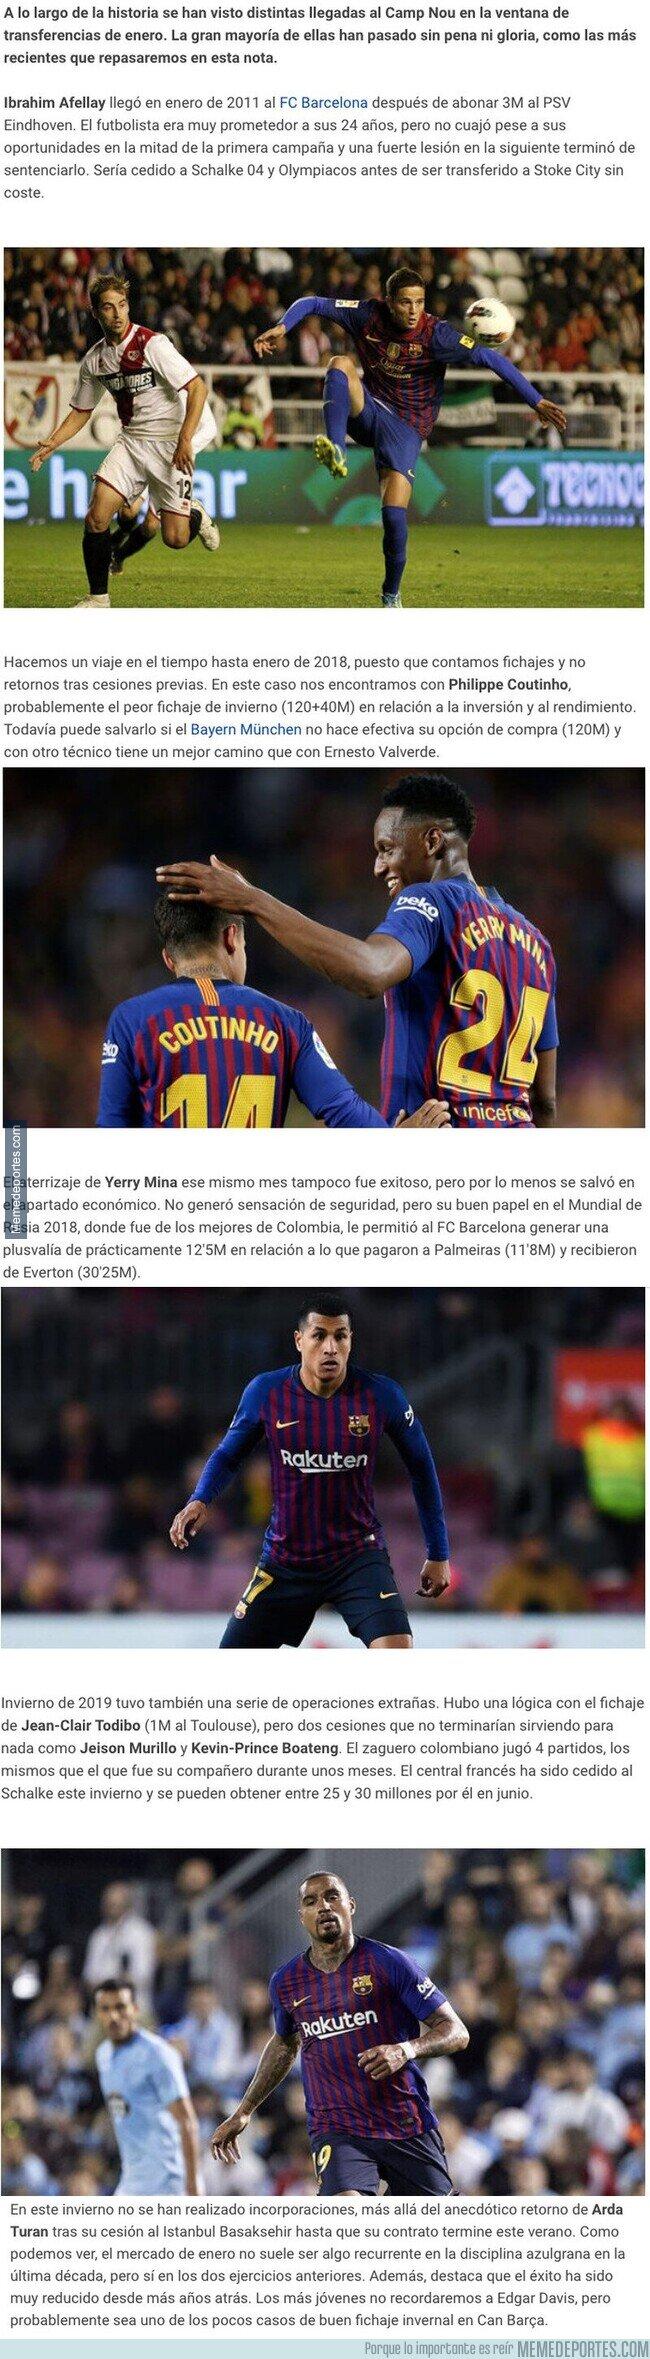 1097204 - Estos son los peores fichajes que realizó el FC Barcelona en el mercado invernal